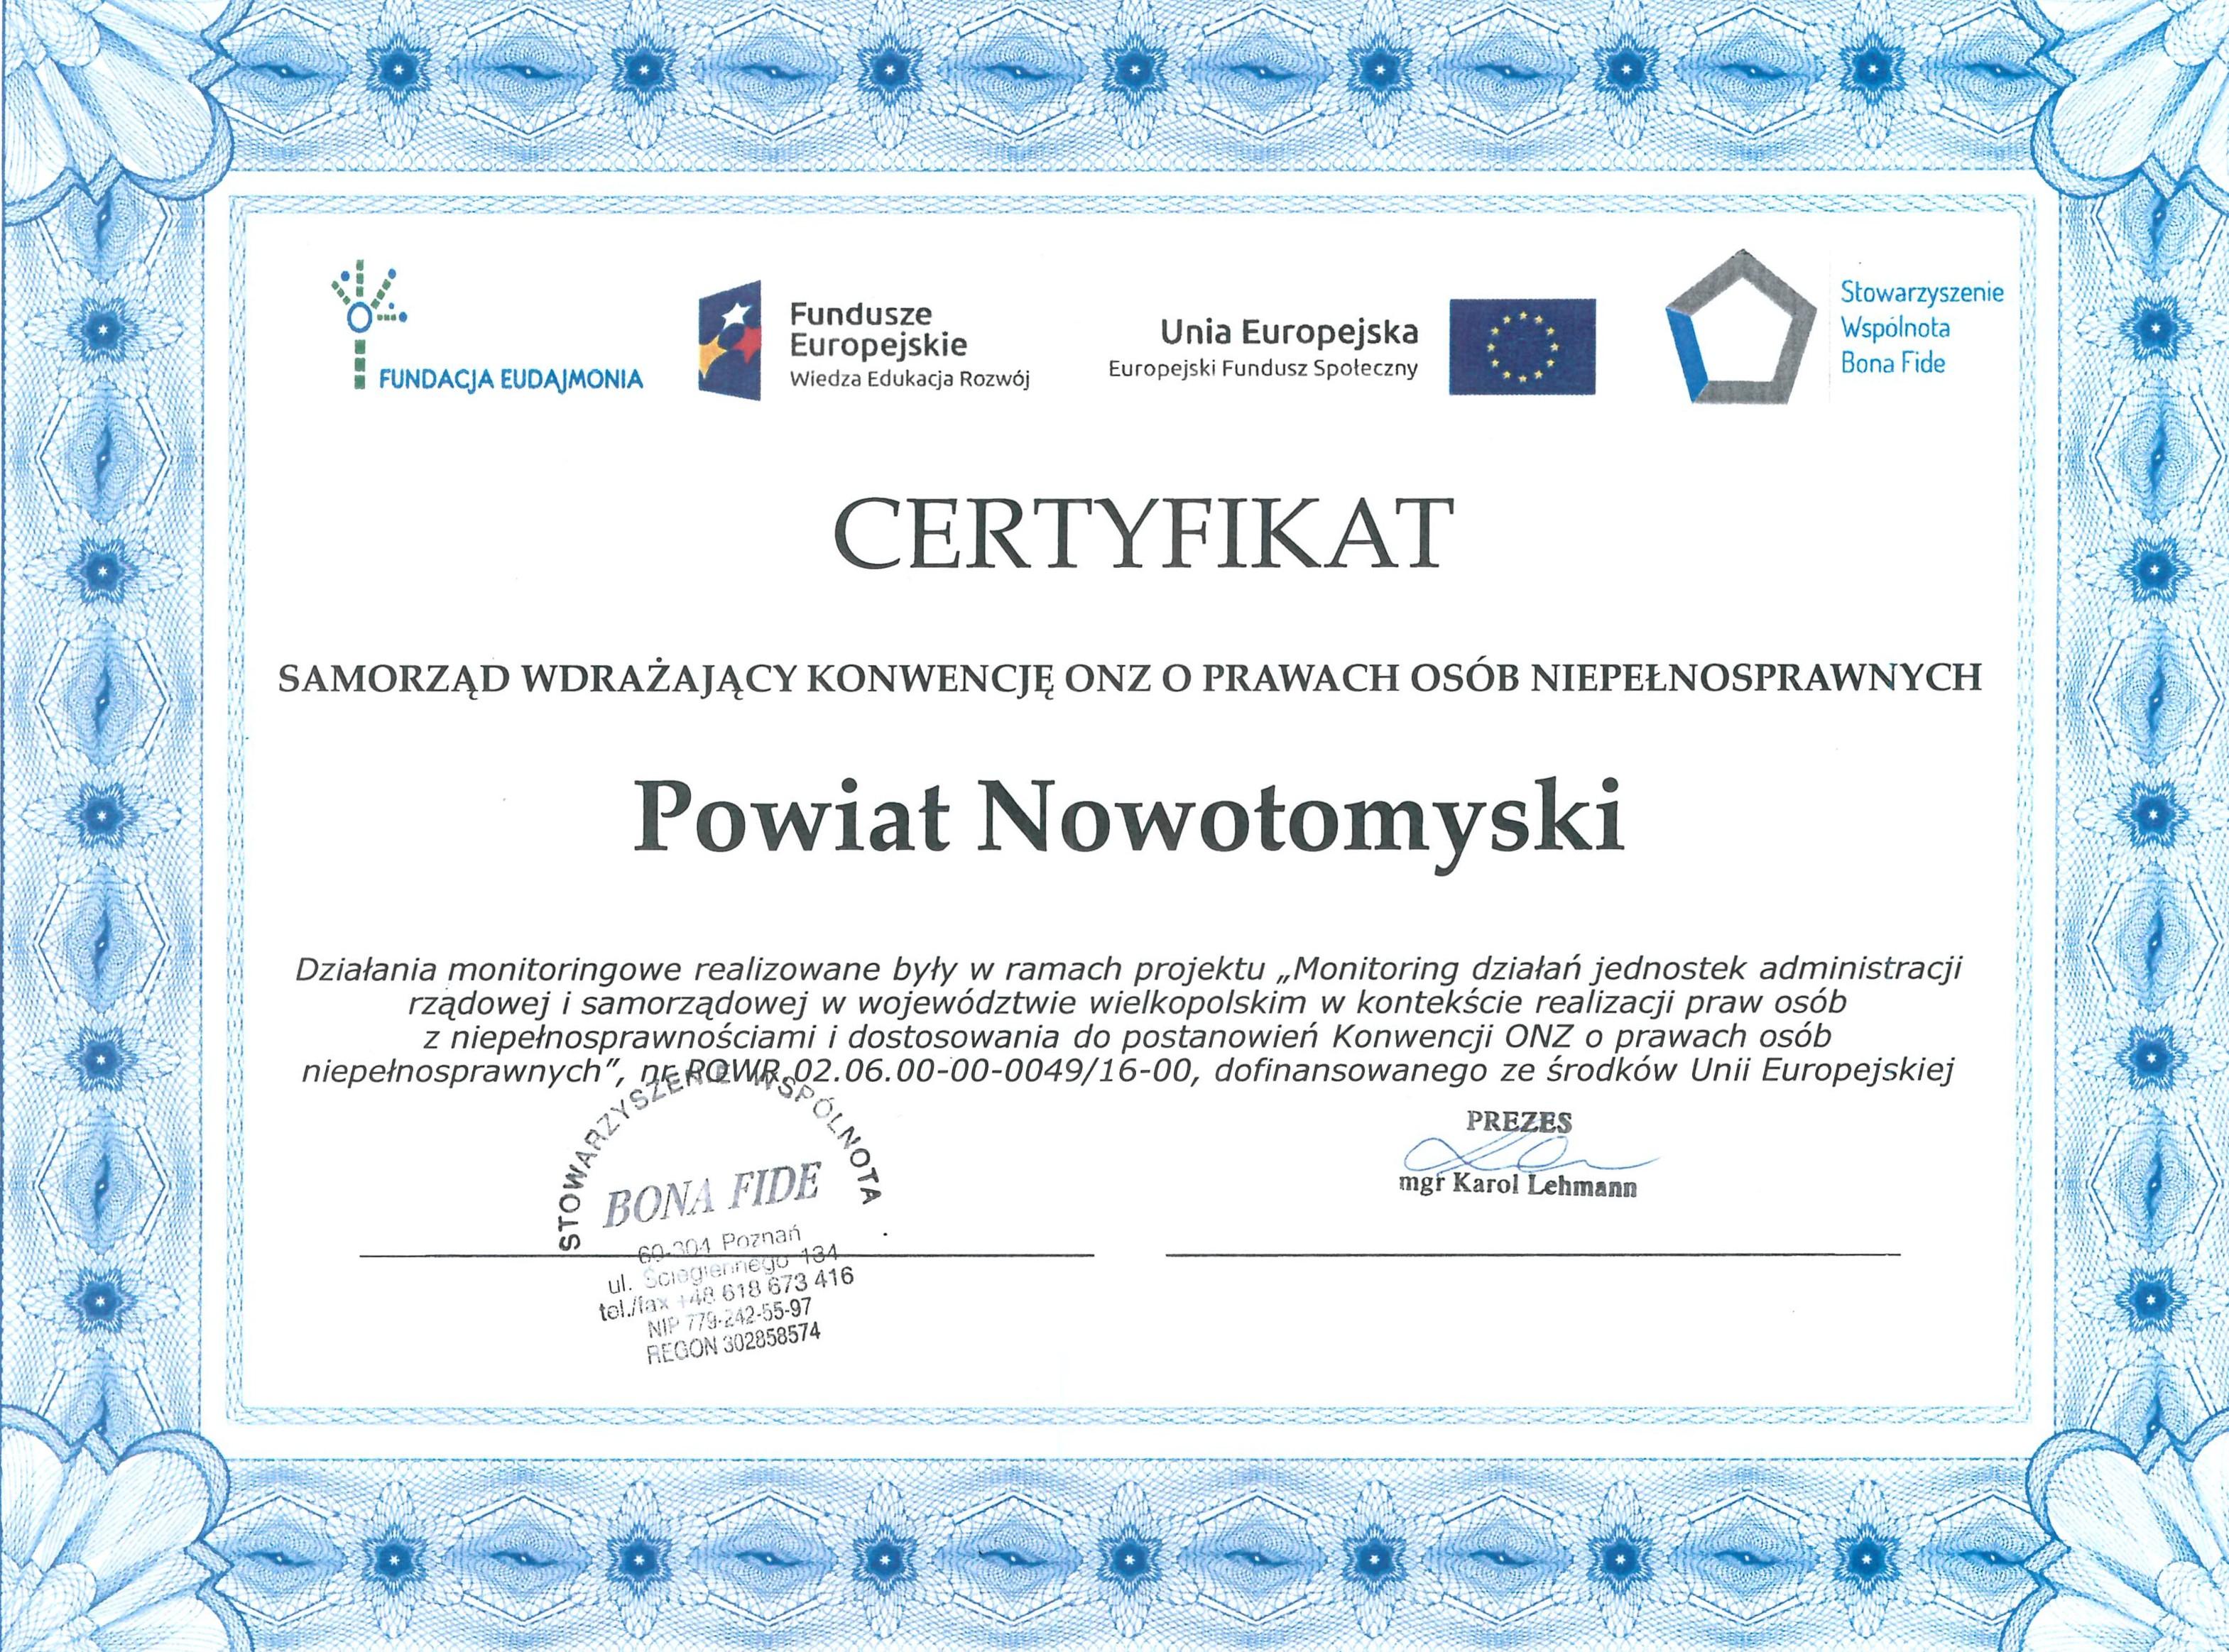 Ilustracja do informacji: Certyfikat dla Powiatu Nowotomyskiego